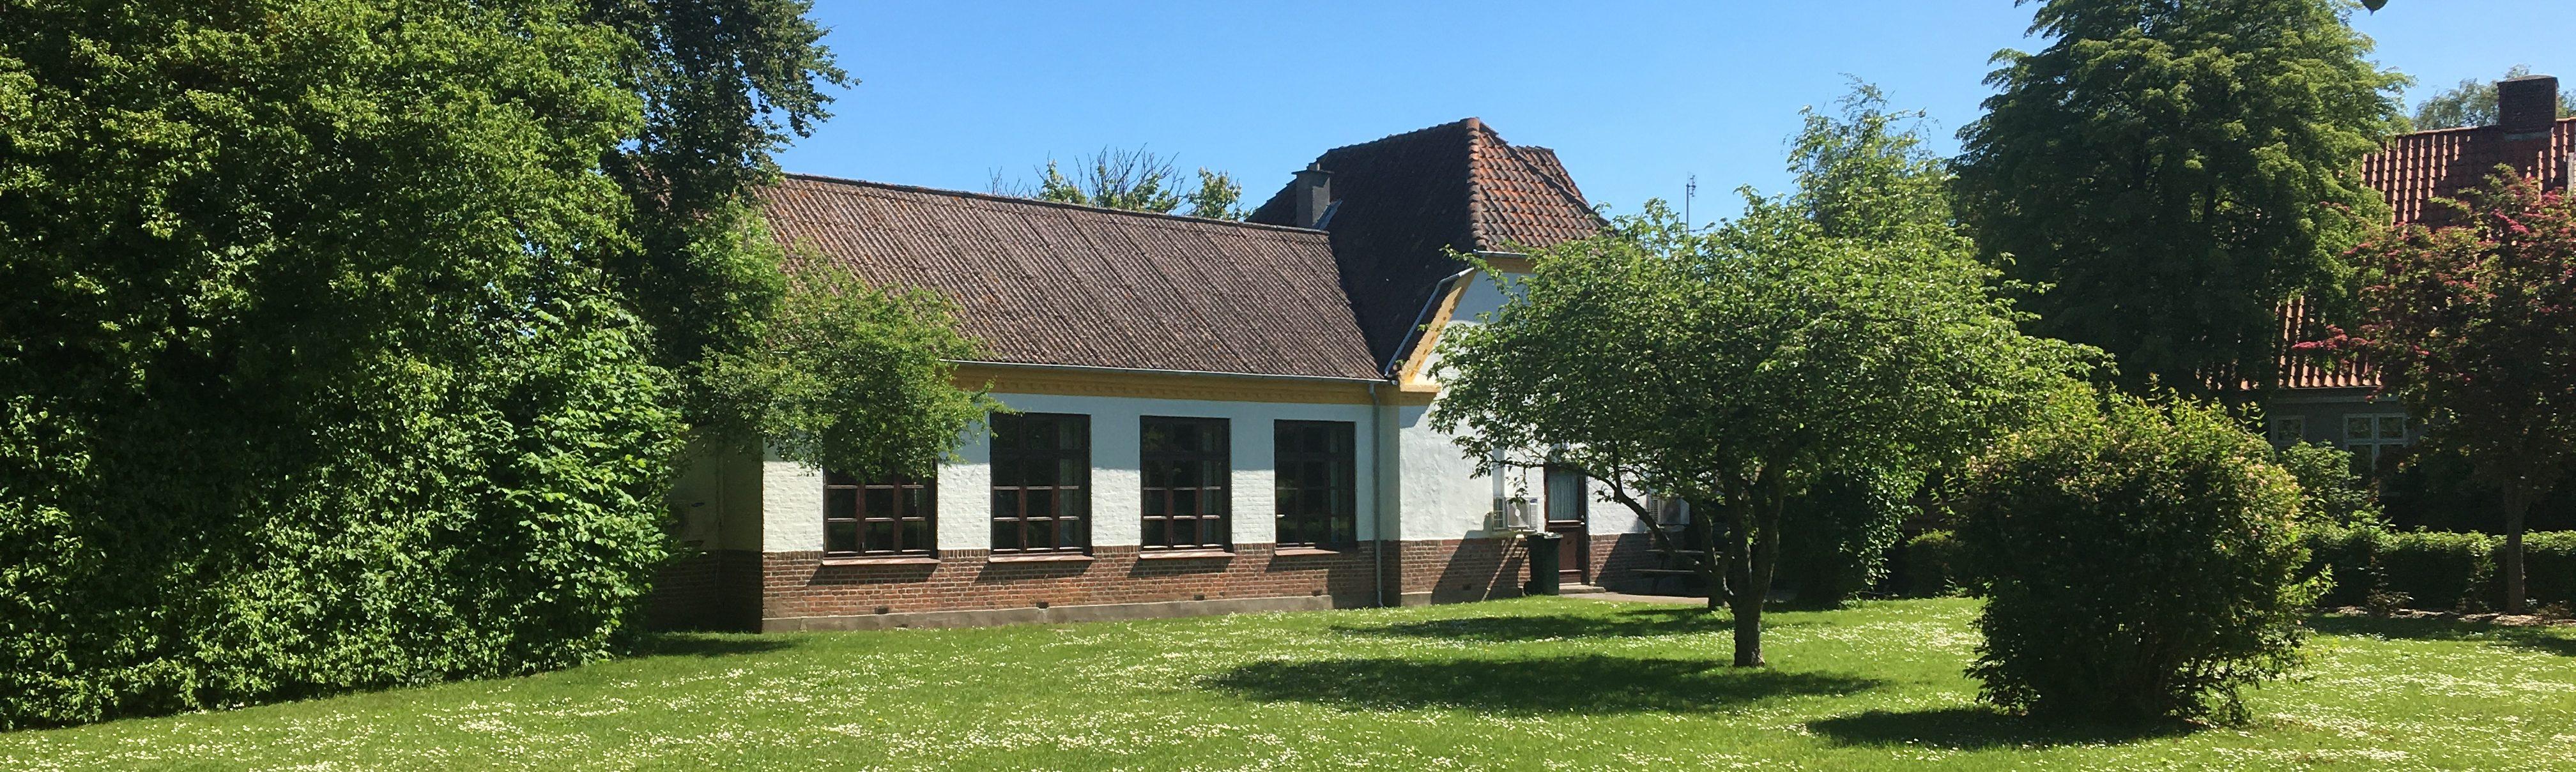 Billedet viser Vindeby forsamlingshus.